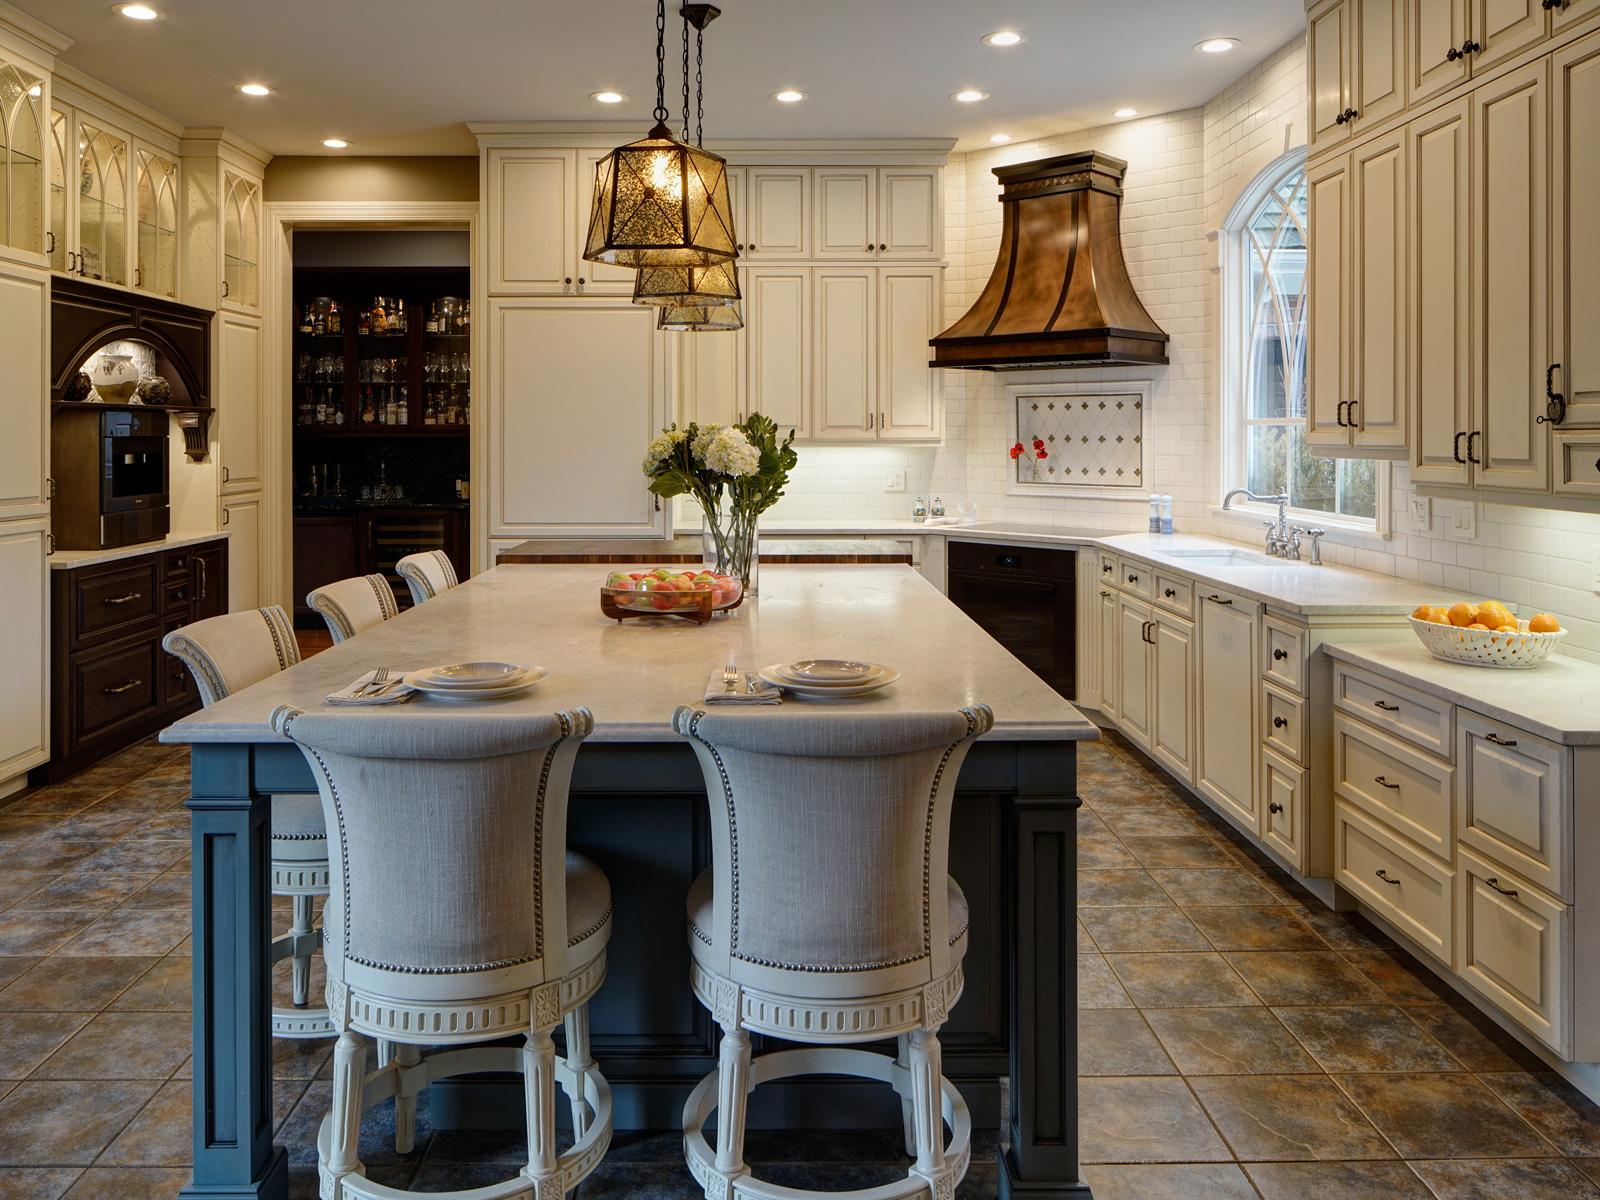 Bronzework-Studio-Drury-Design-Tradtional-Kitchen-1-1600x1200-c